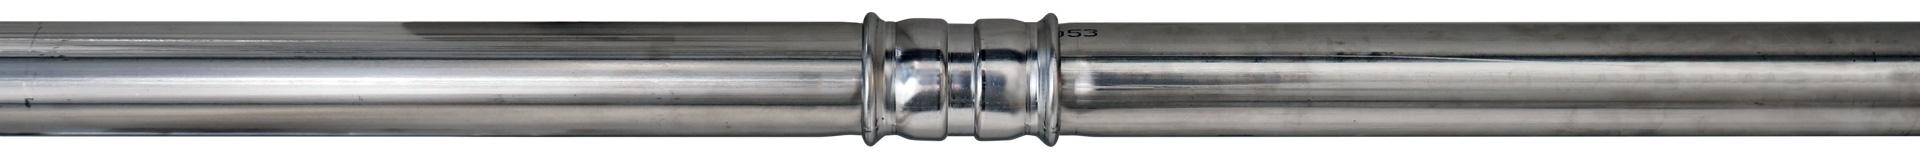 Impianti pressfitting acciaio inox AISI 316L